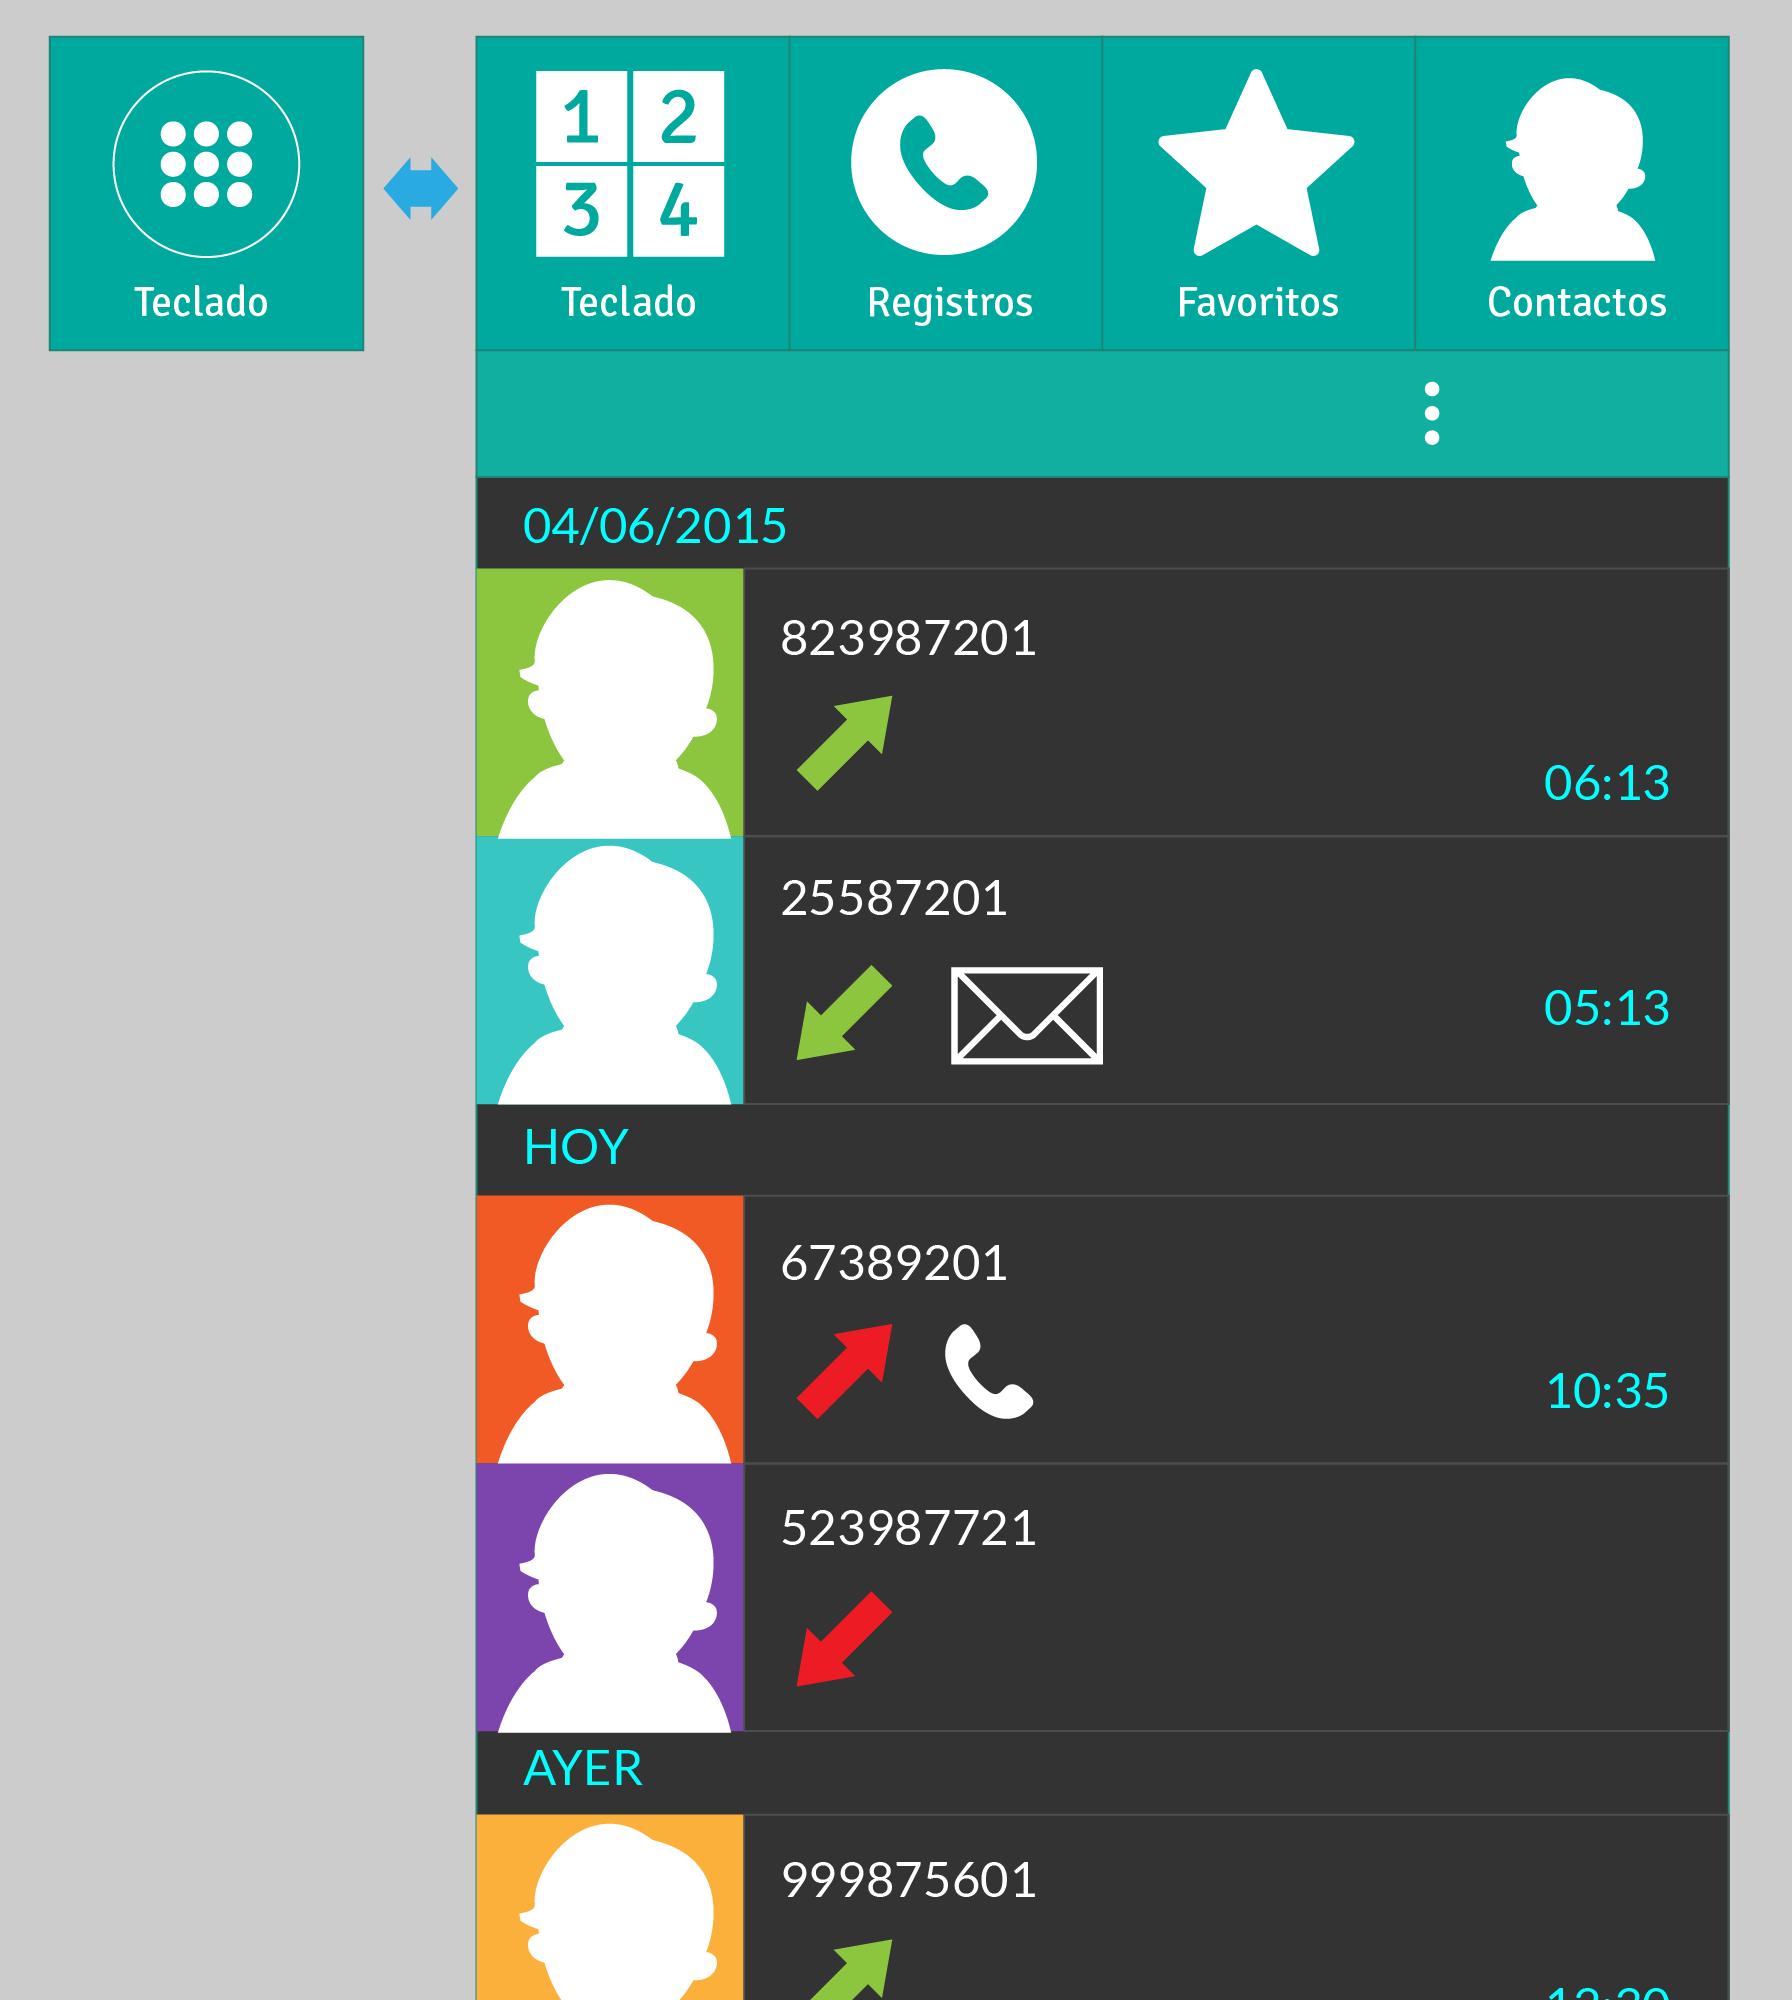 imagen ejemplo de la interfaz de la aplicación Teléfono y sus principales características.